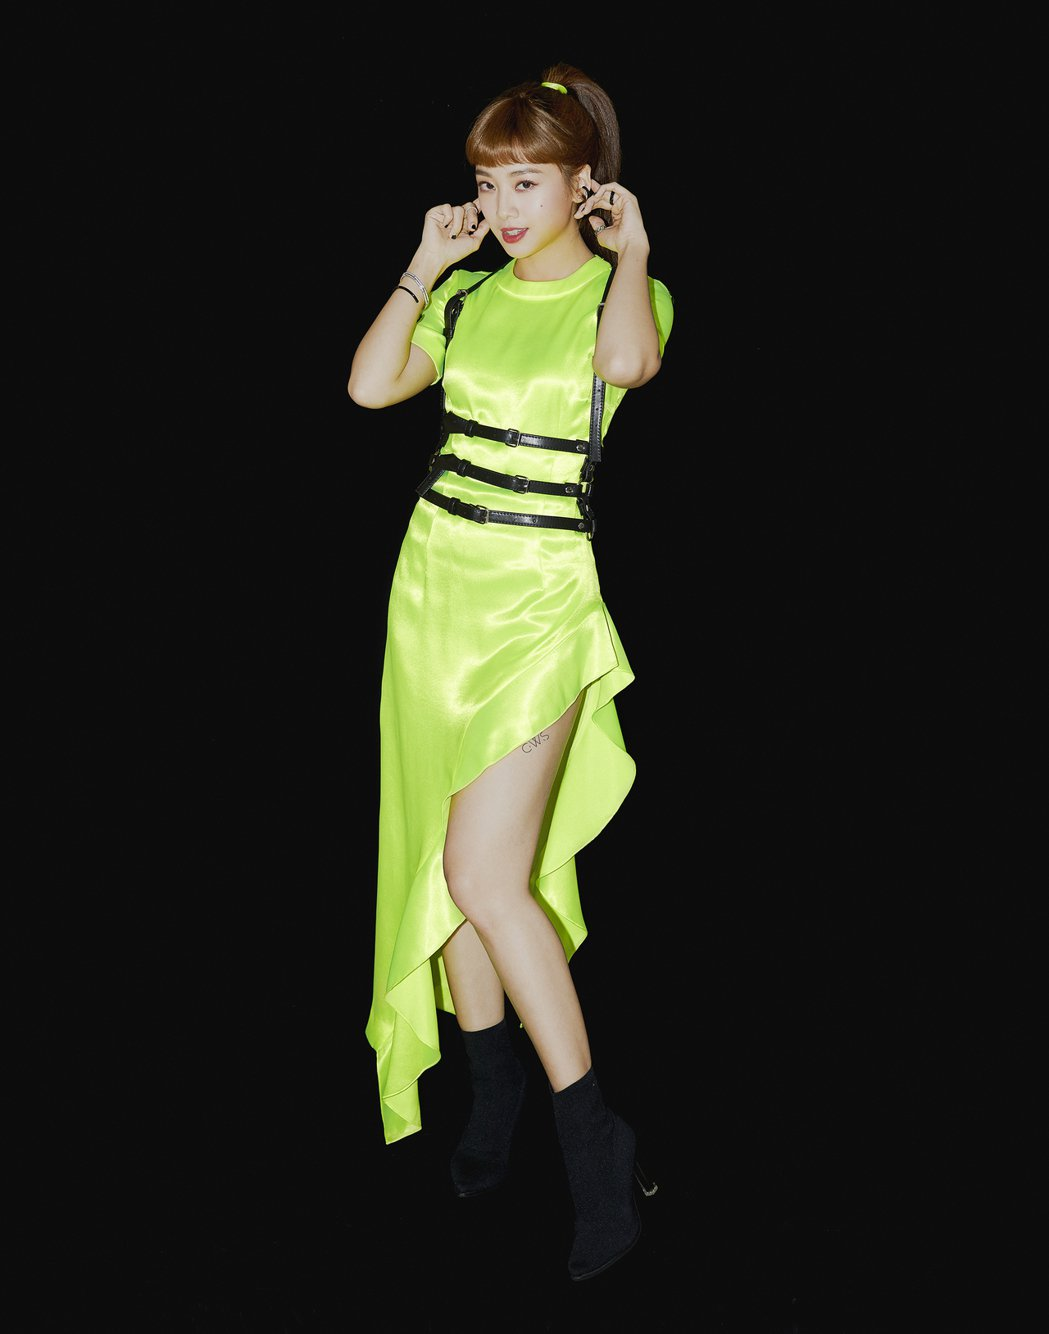 鬼鬼選穿一襲開高衩螢光綠洋裝。圖/愛貝克思提供